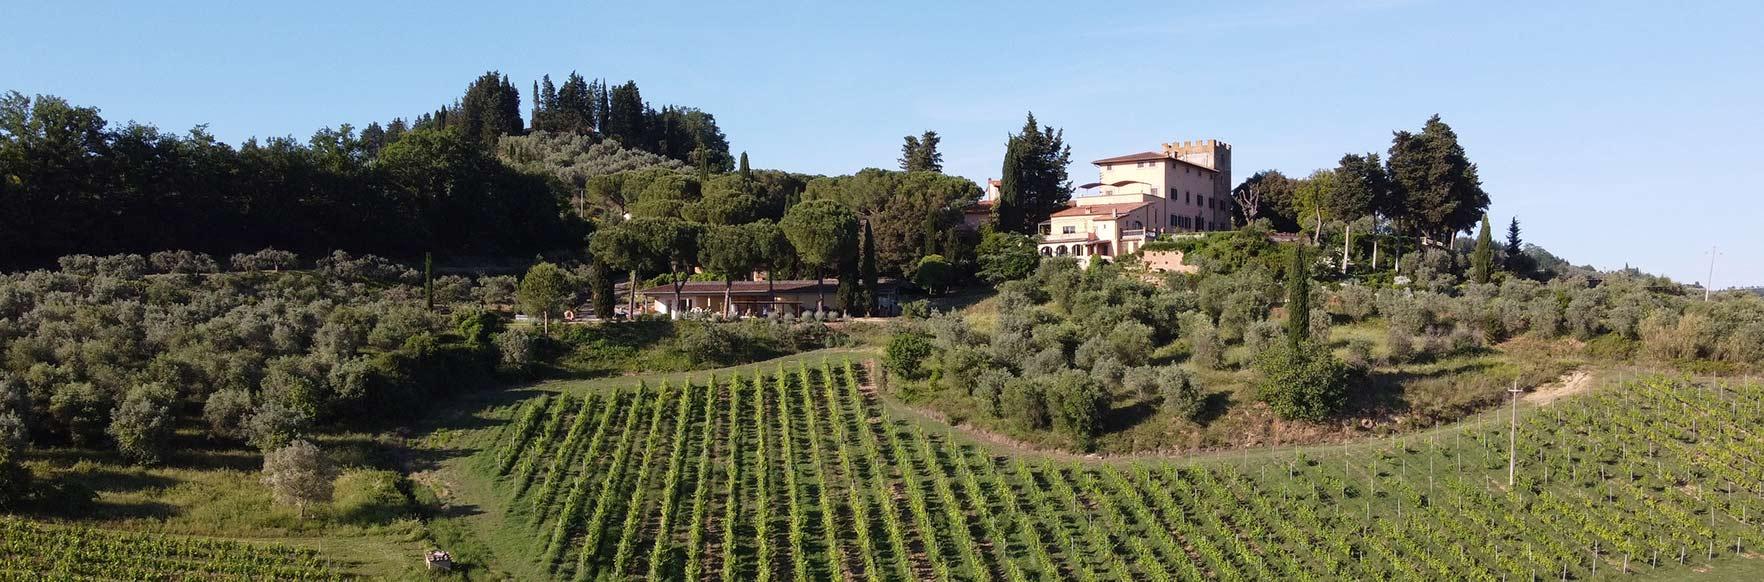 Visitare-Cantine-Toscana-villa-il-pozzo